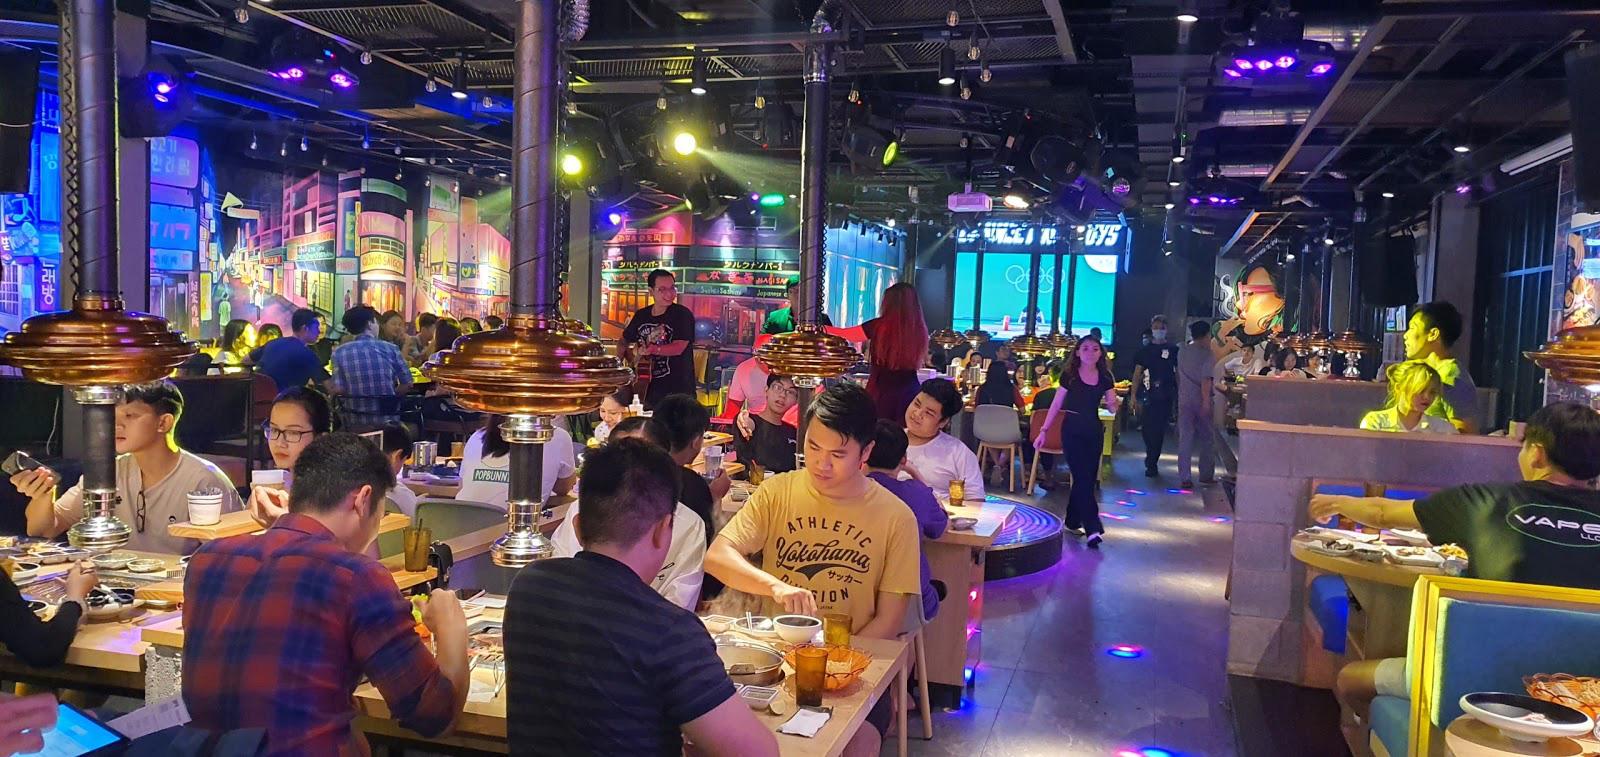 Giới trẻ phát sốt lùng sục check-in không gian Itaewon tại Urban BBQ Sài thành với phần thưởng lên tới 5 triệu đồng - Ảnh 1.